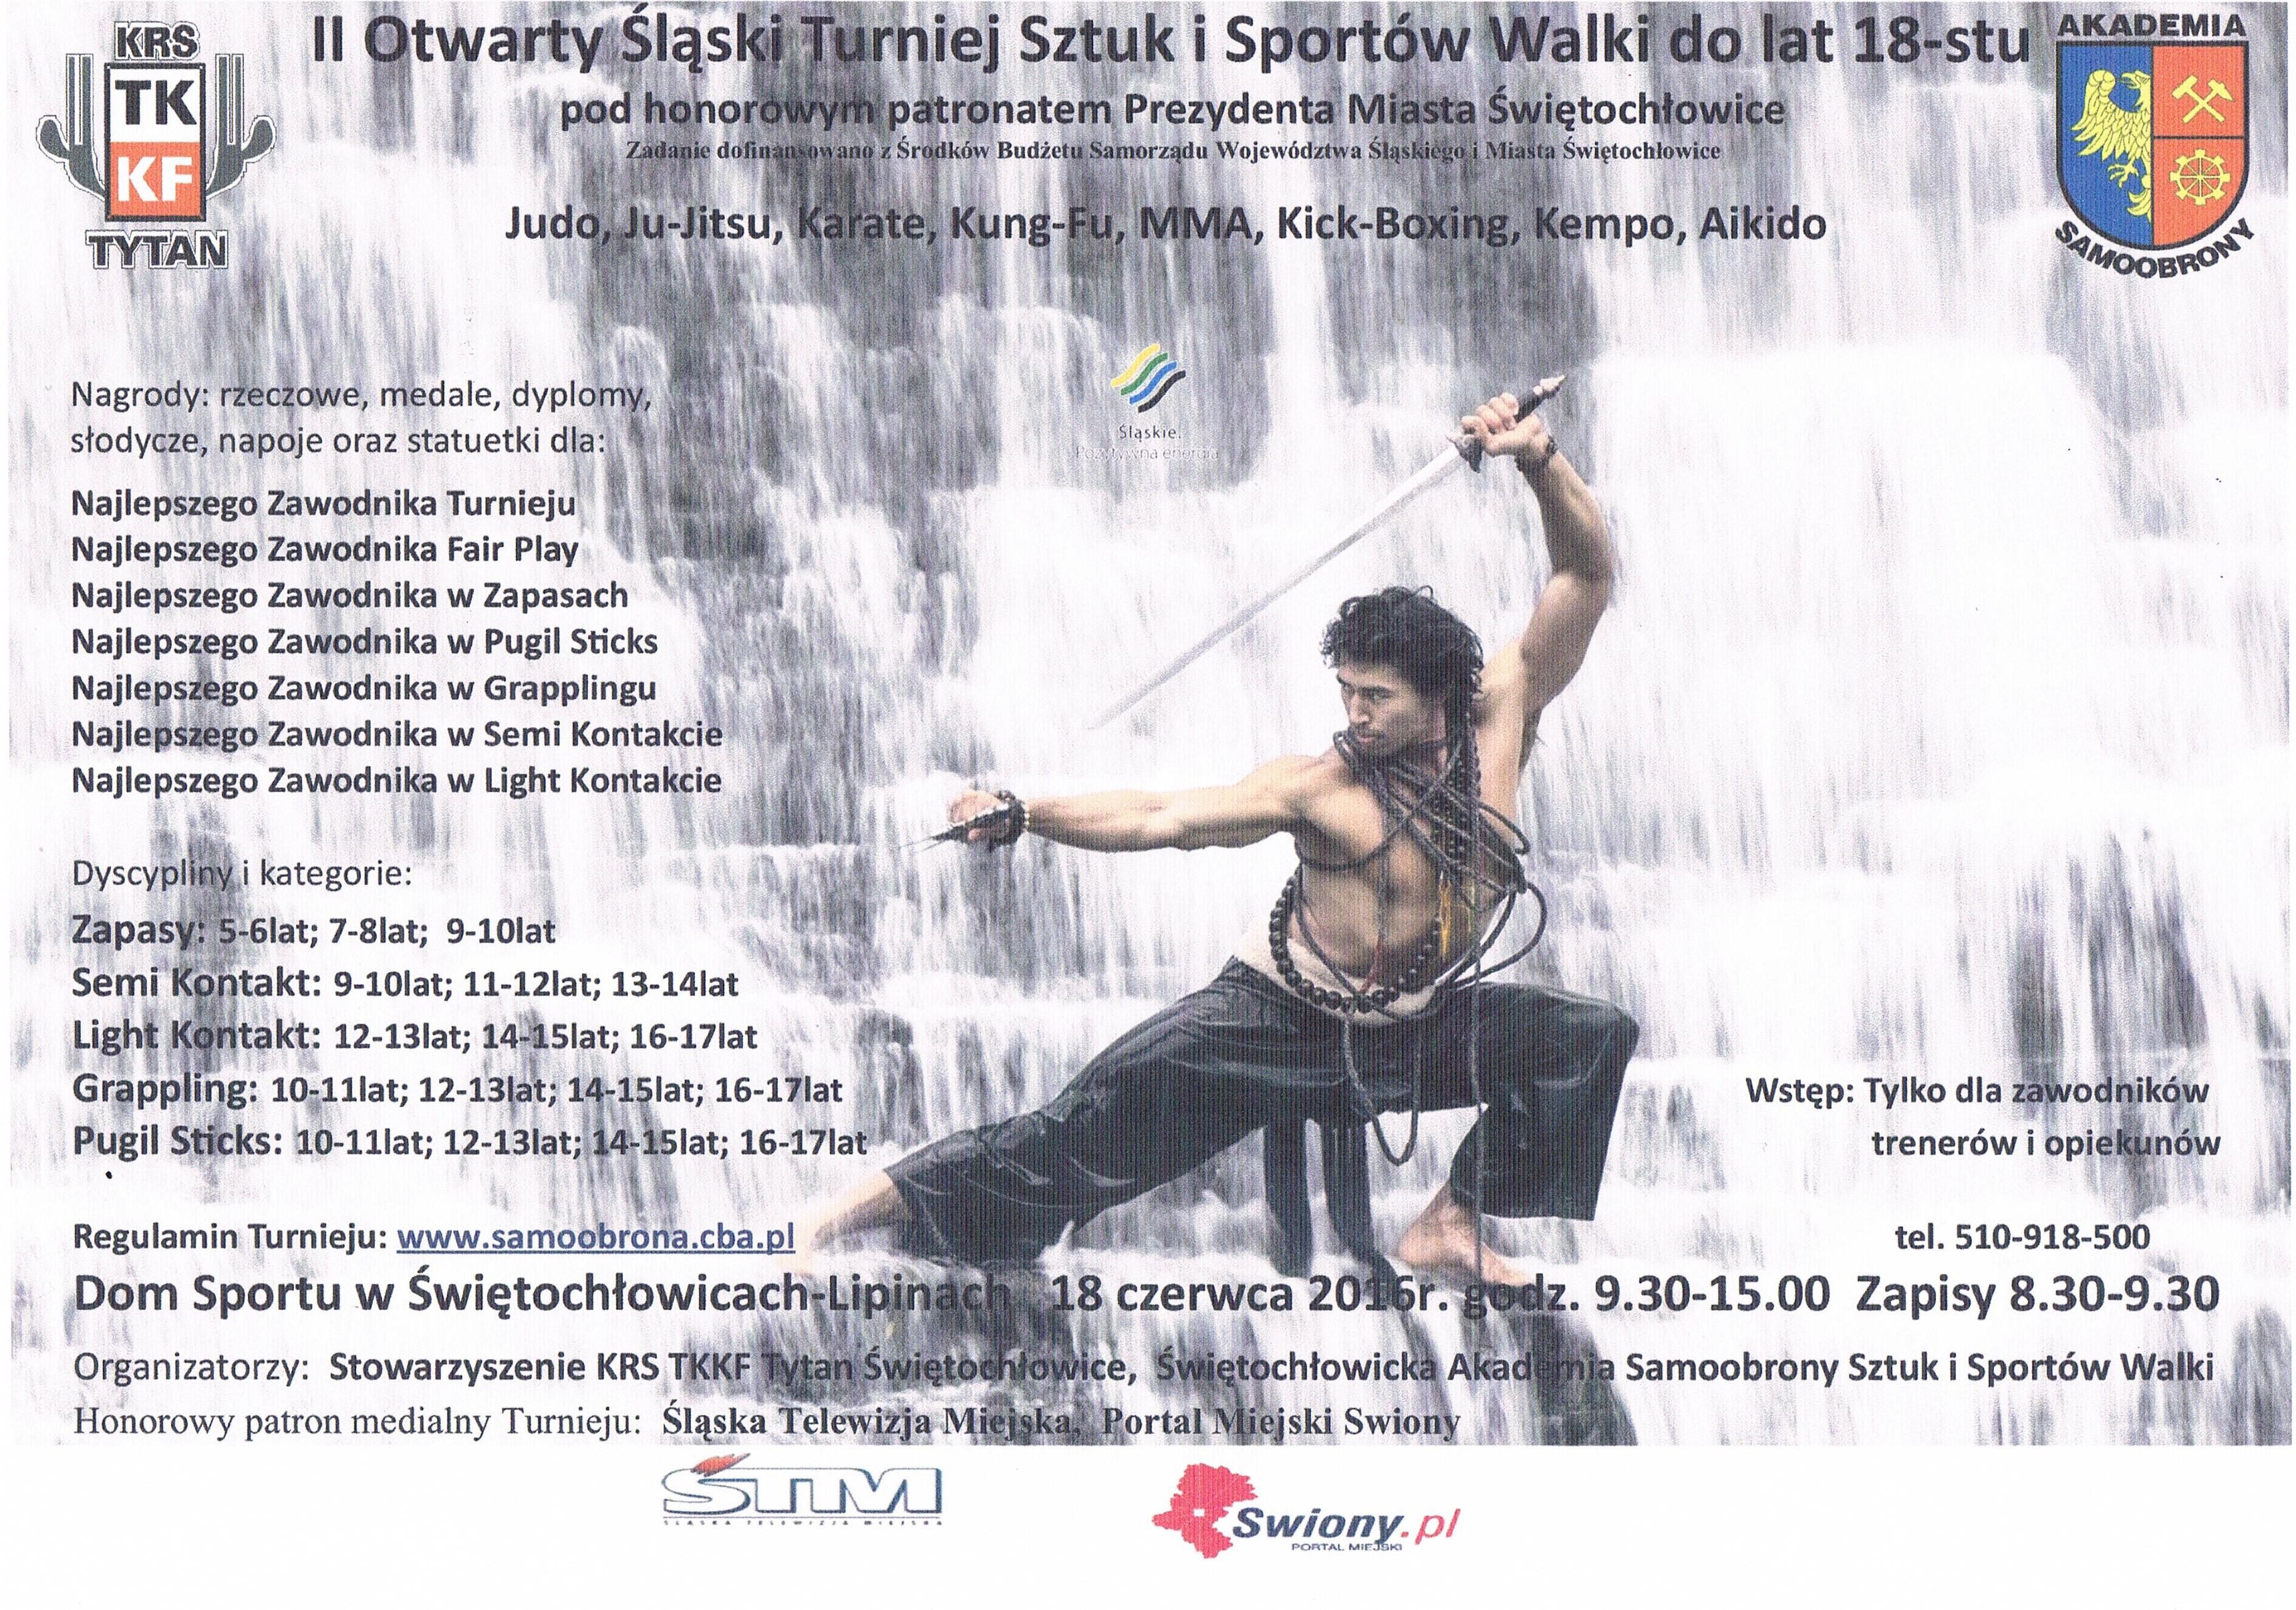 Plakat naII ┼Ül─ůski Otwarty Turniej SziSW.